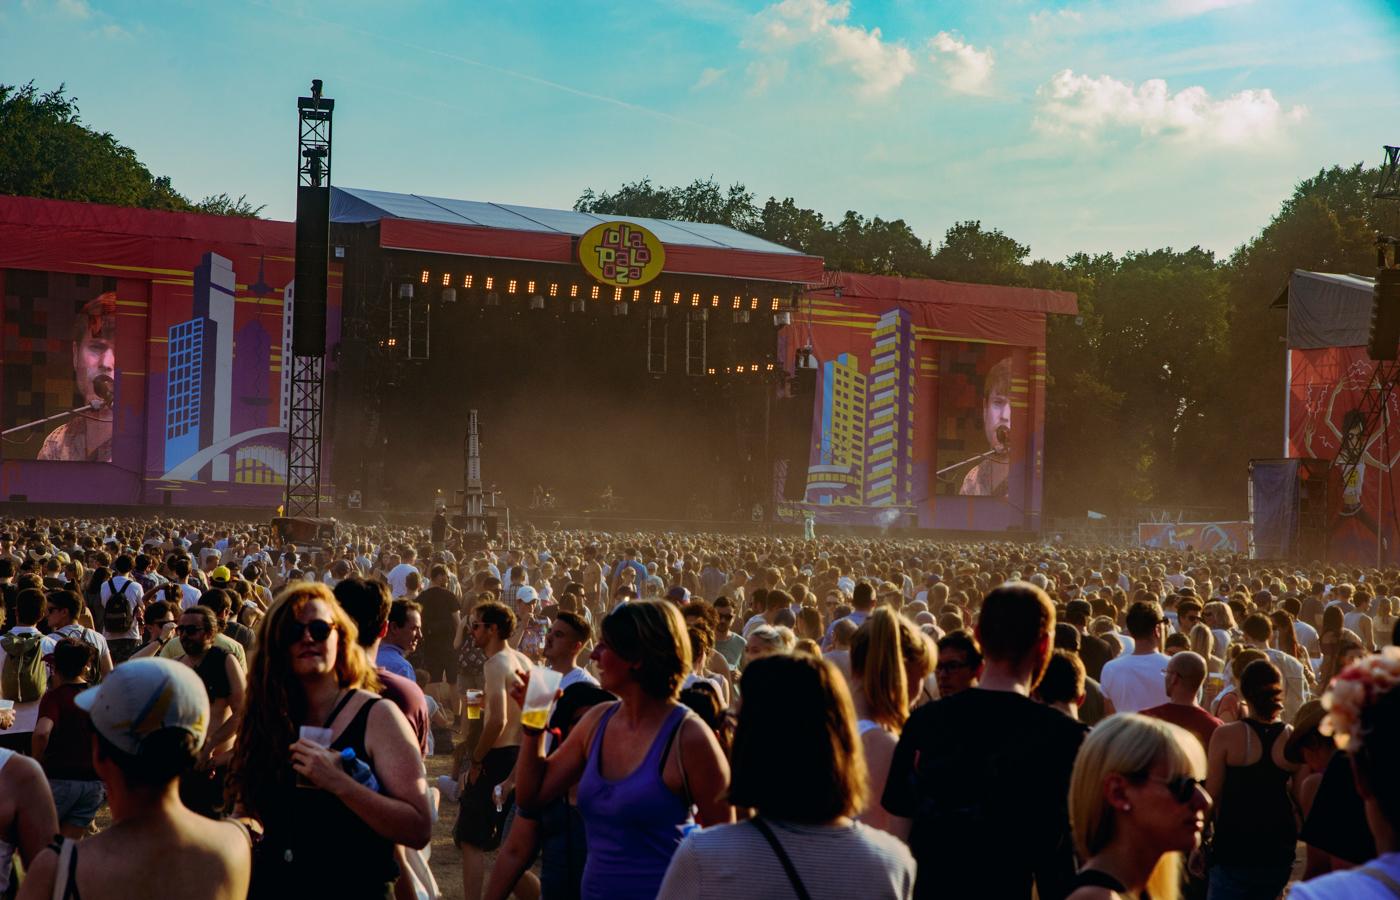 Wird im nächsten Jahr wieder in Berlin aufgebaut: die Lollapalooza-Bühne